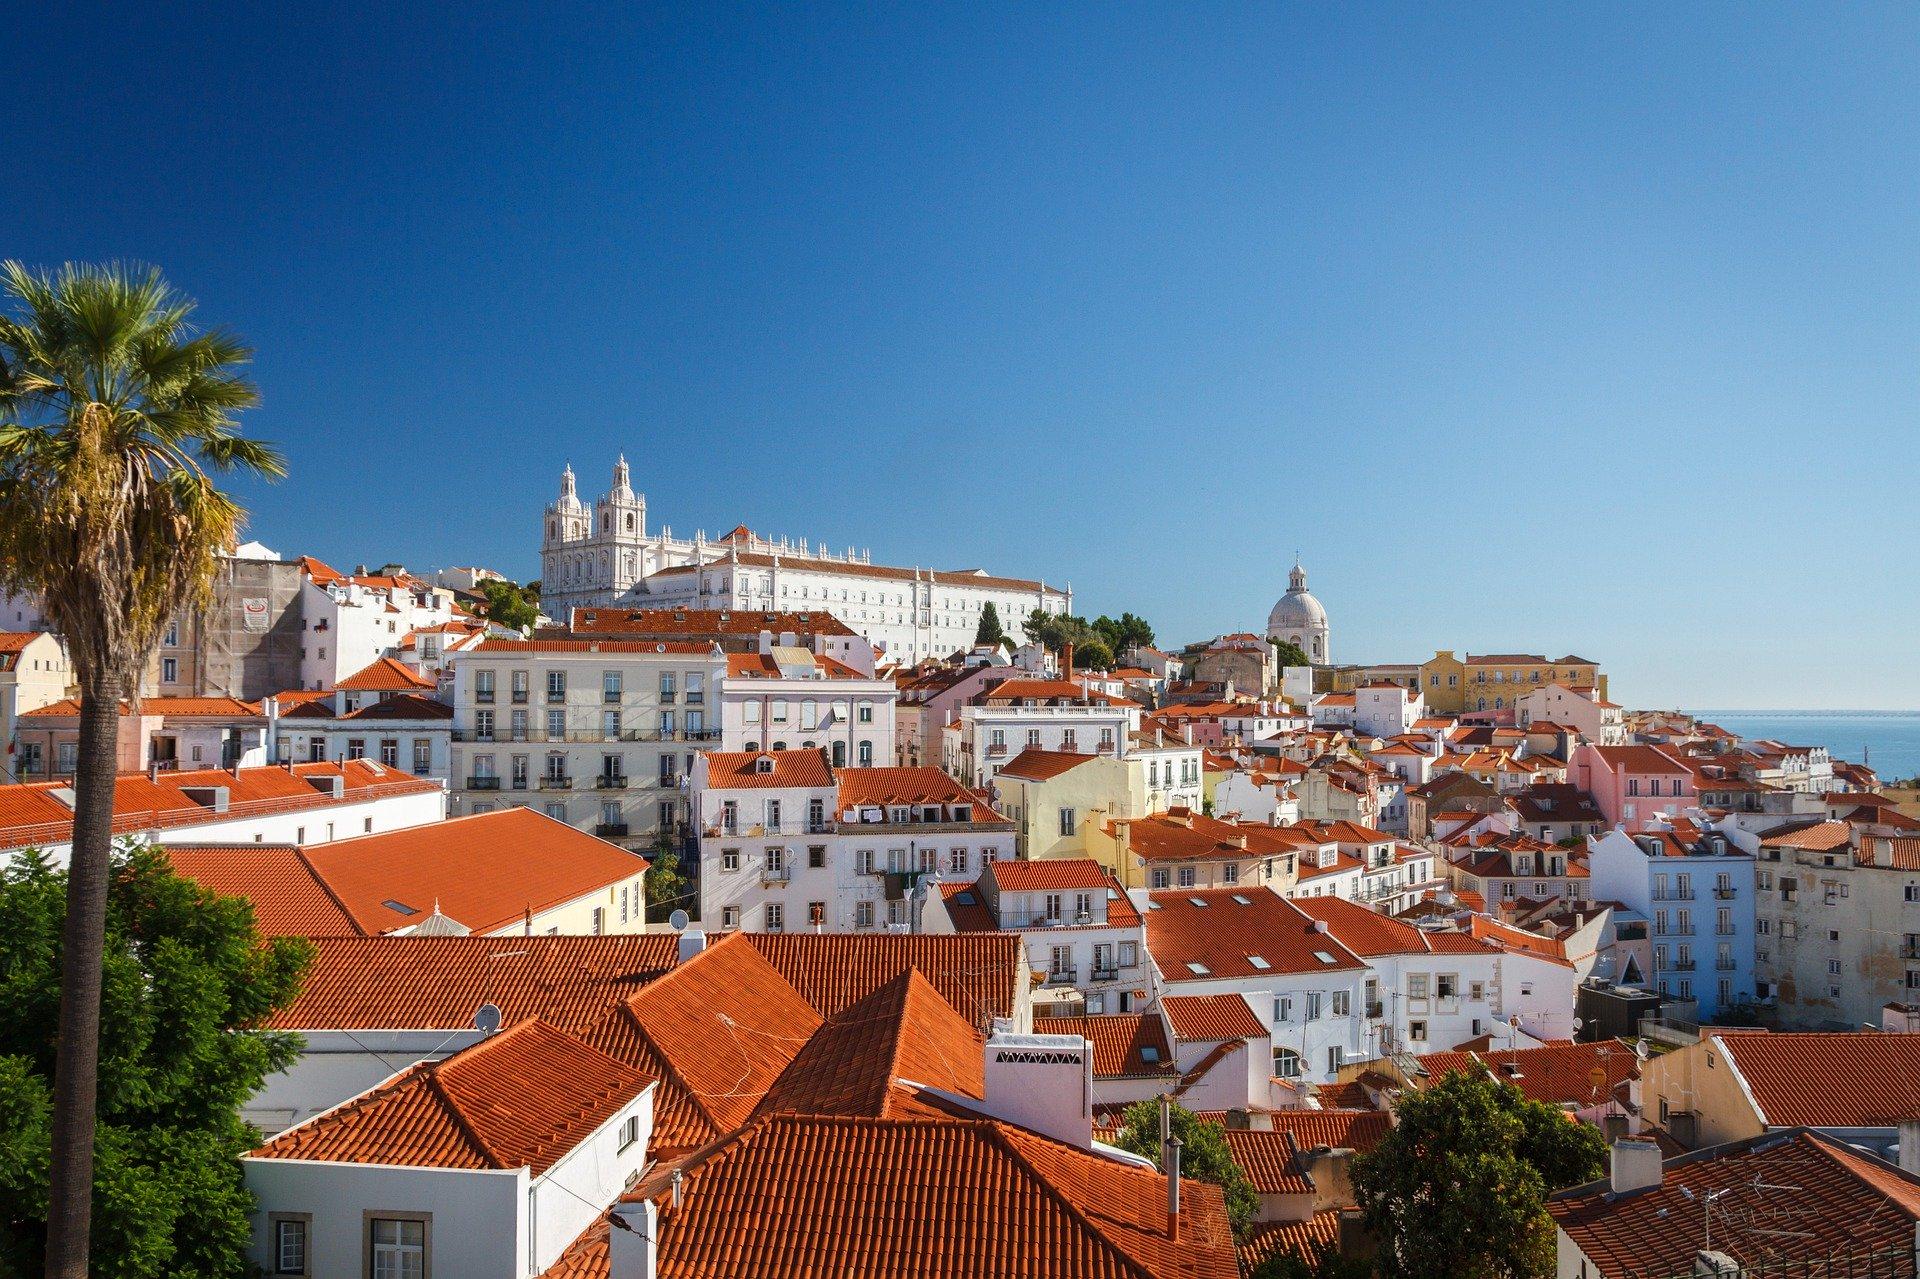 Золотая виза в Португалии в 2020 году: инвестиции за ВНЖ в сравнении с другими странами